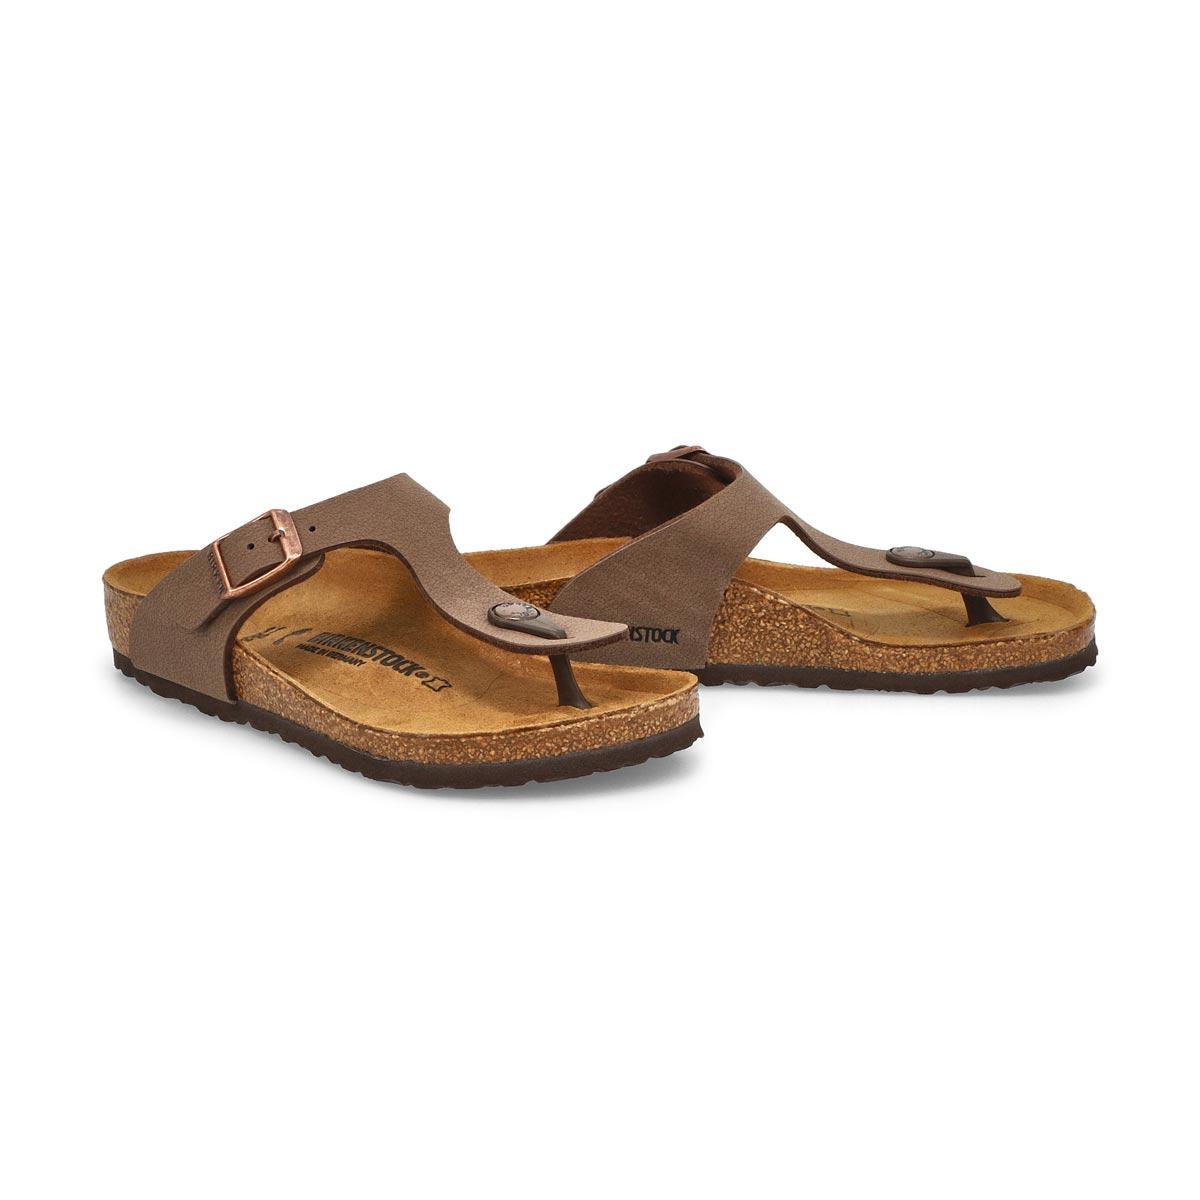 Grls Gizeh BF mocha thong cork sandal-N